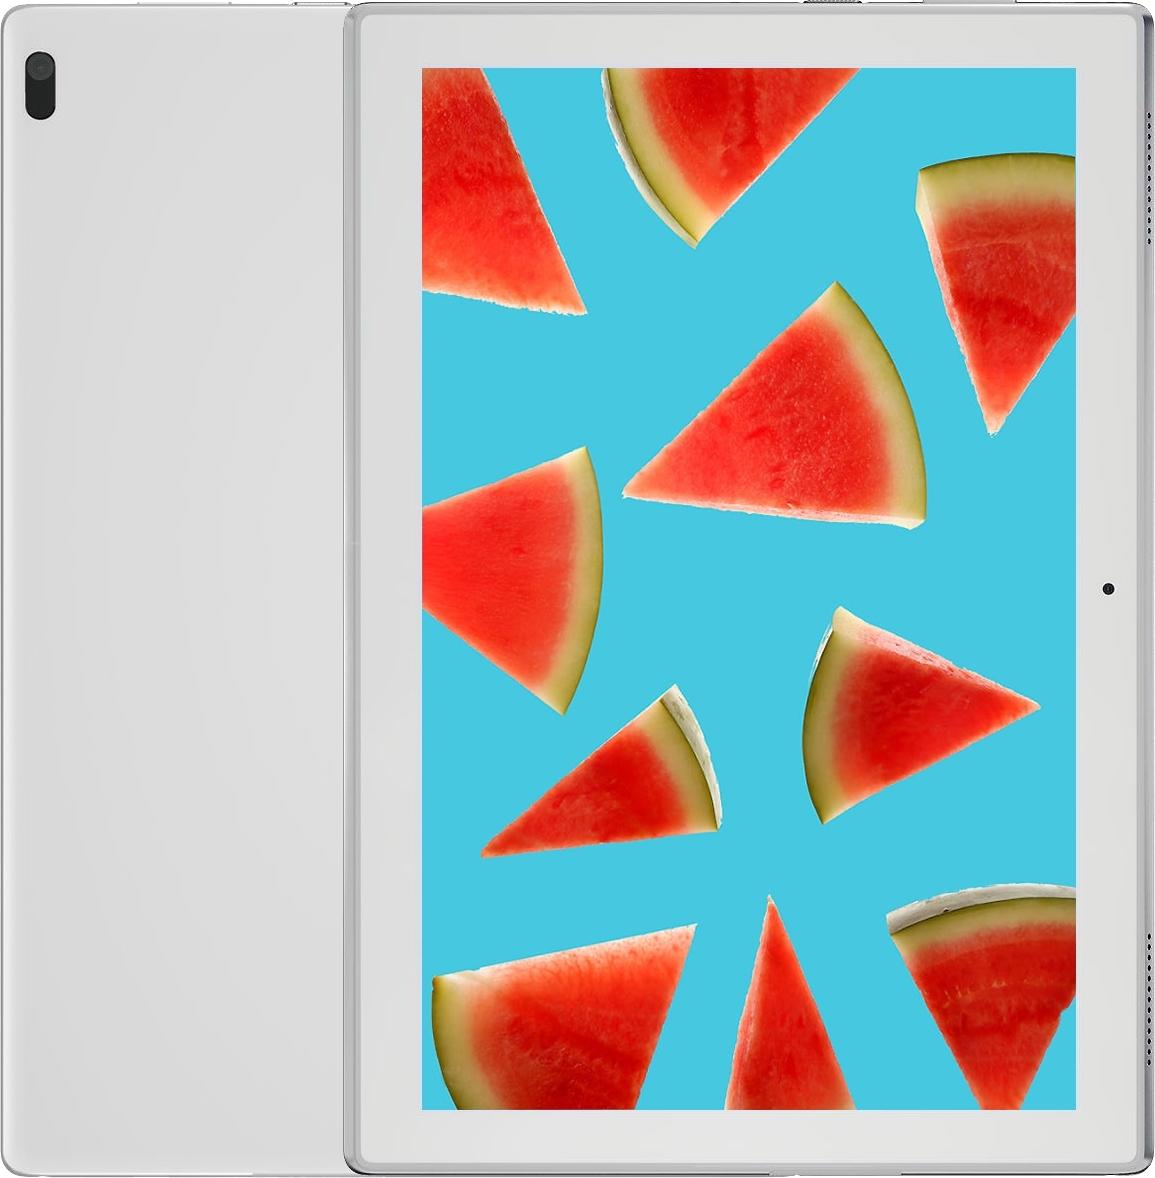 Купить Планшет Lenovo Tab 4 TB-X304L (ZA2K0082RU) белый, Tab 4 TB-X304L 16Gb, Белый, Китай